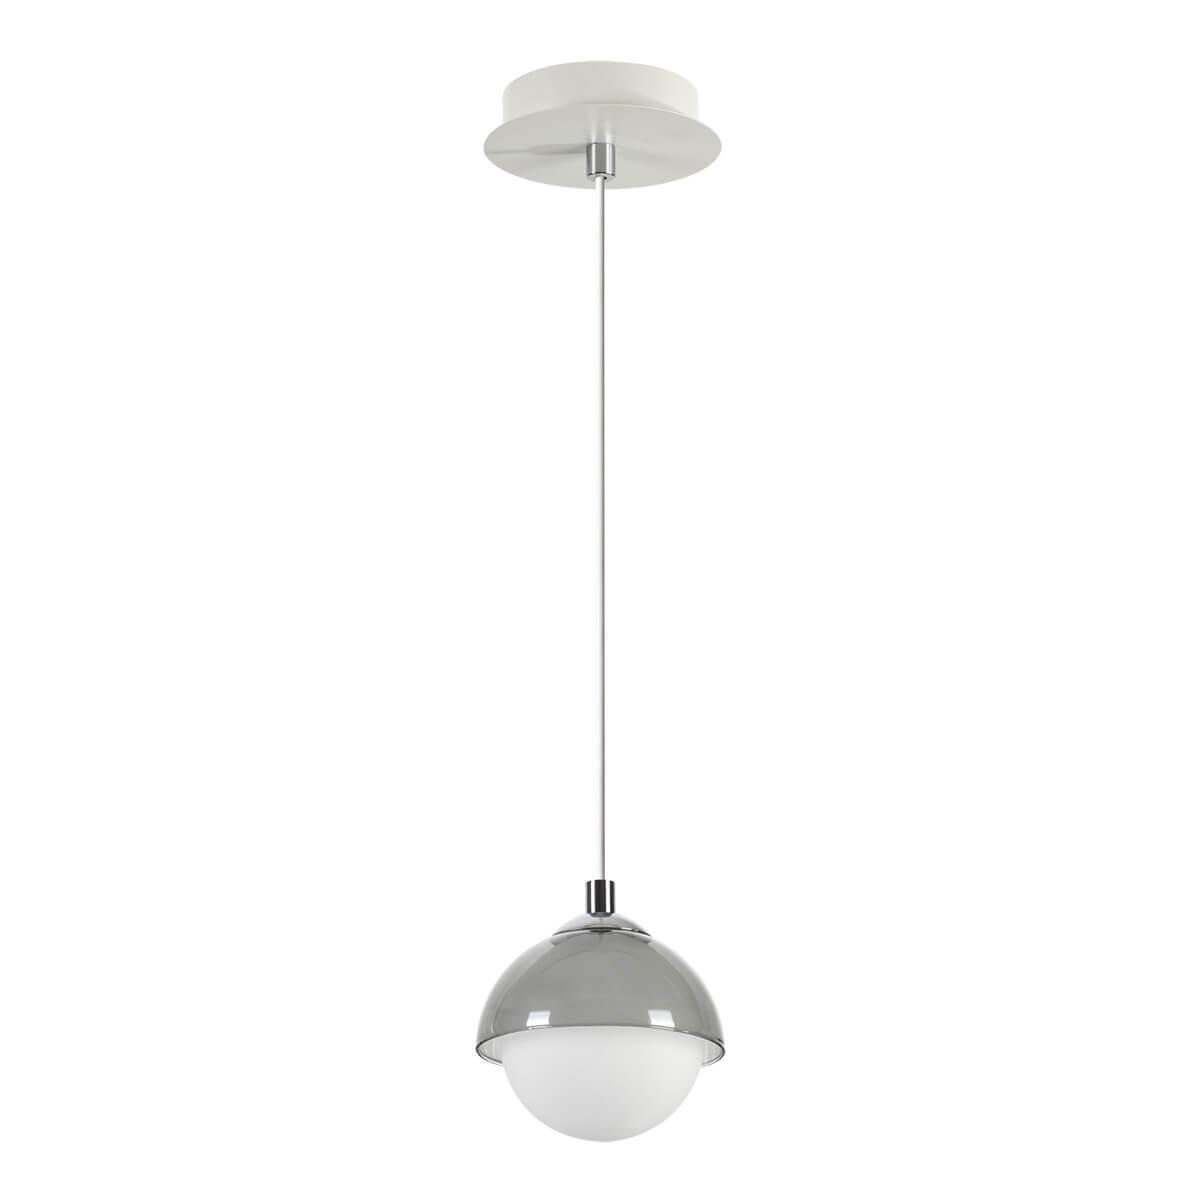 Подвесной светильник Lumion 3597/1, G9, 40 Вт lumion подвесной светильник lumion claire 3714 1